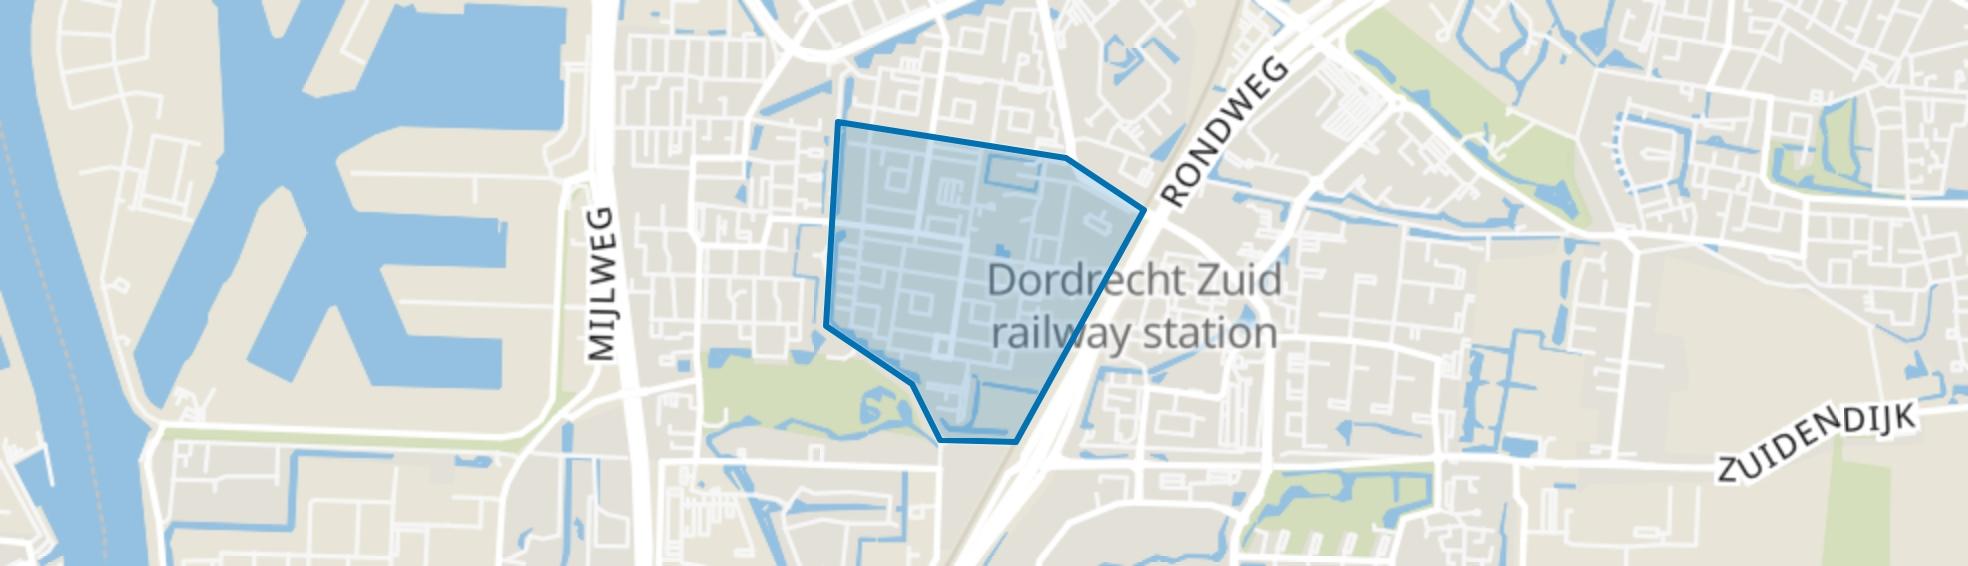 Crabbehof-Zuid, Dordrecht map